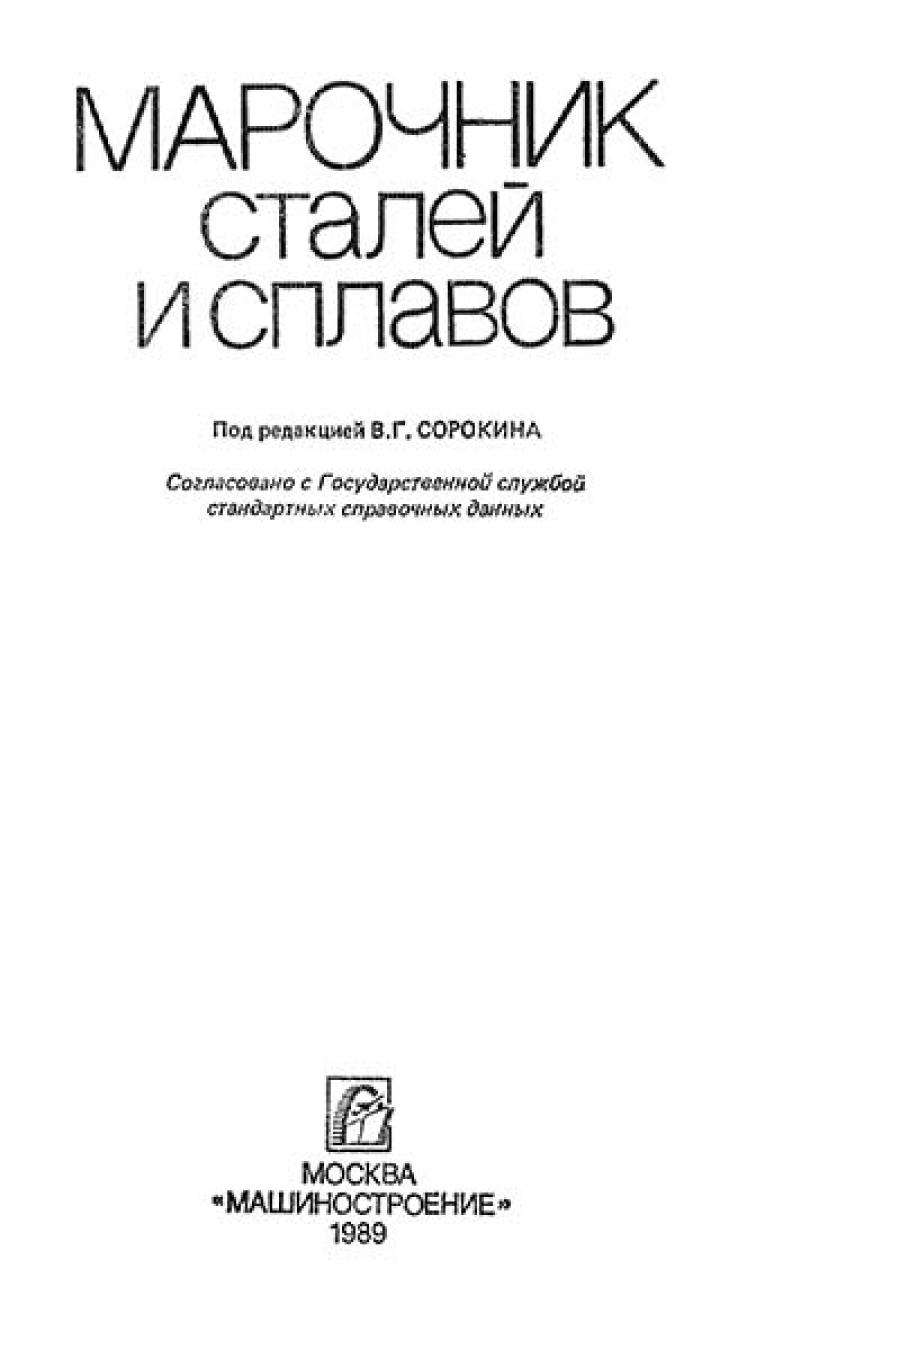 Марочник сталей и сплавов скачать в pdf